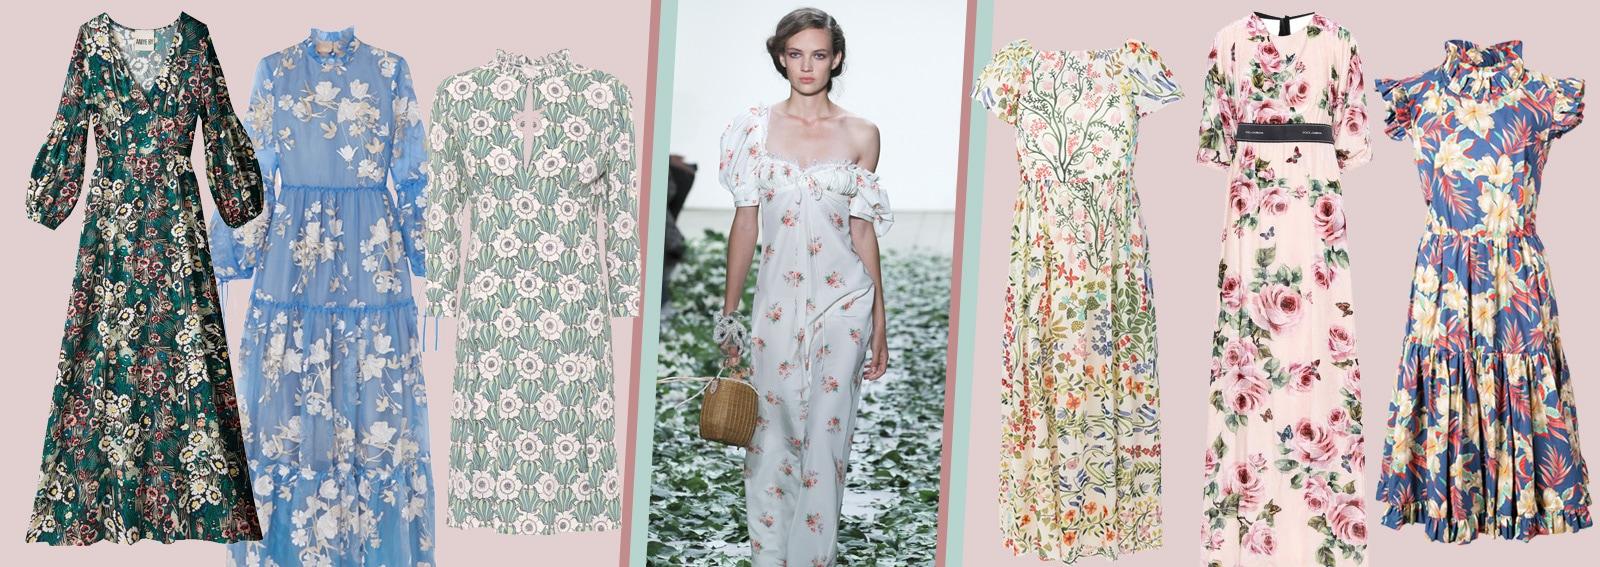 0007410f35 Vestiti a fiori: lunghi o corti, i modelli più belli della Primavera ...